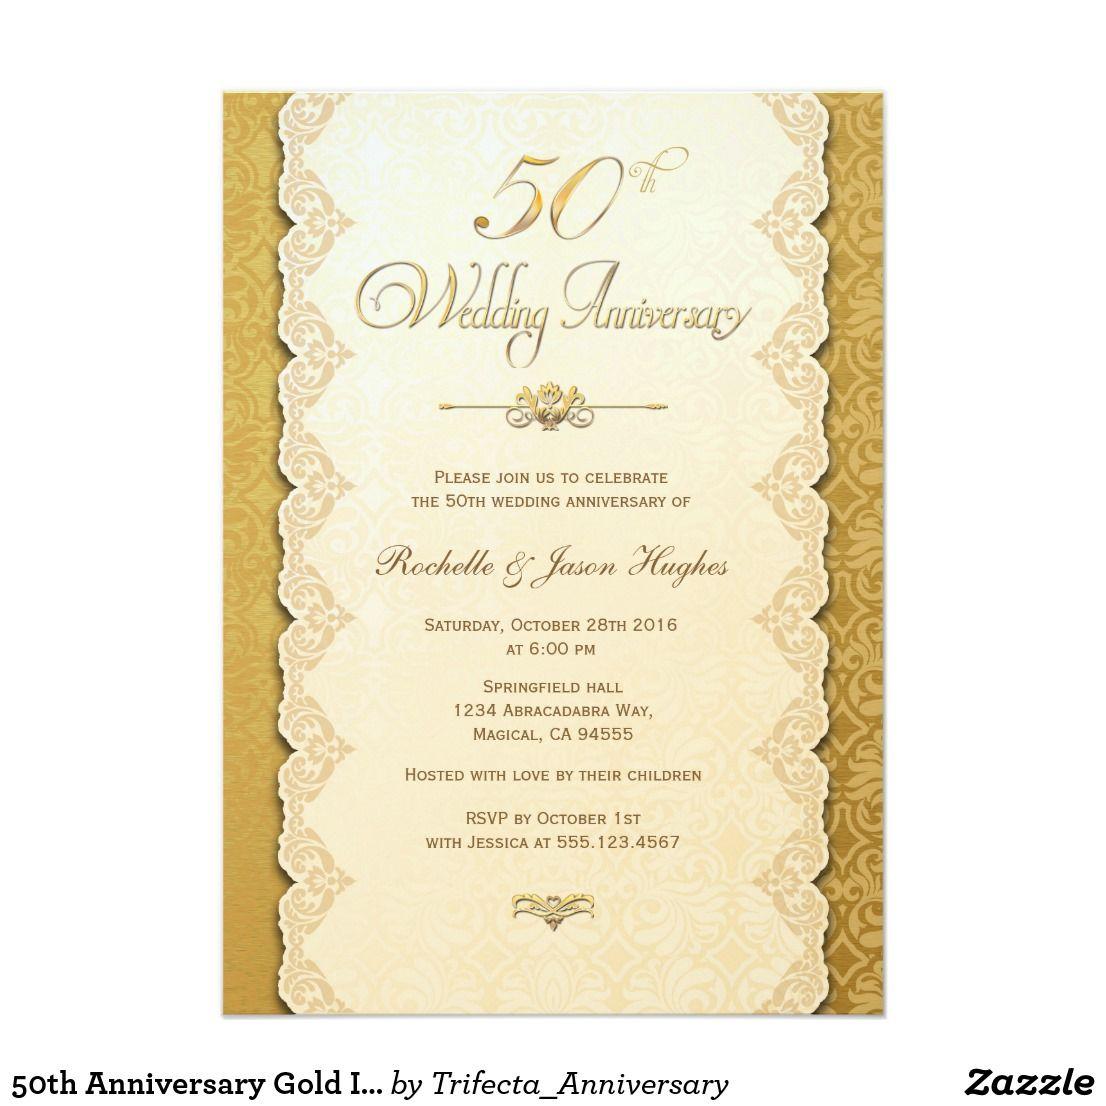 50th anniversary gold invitation